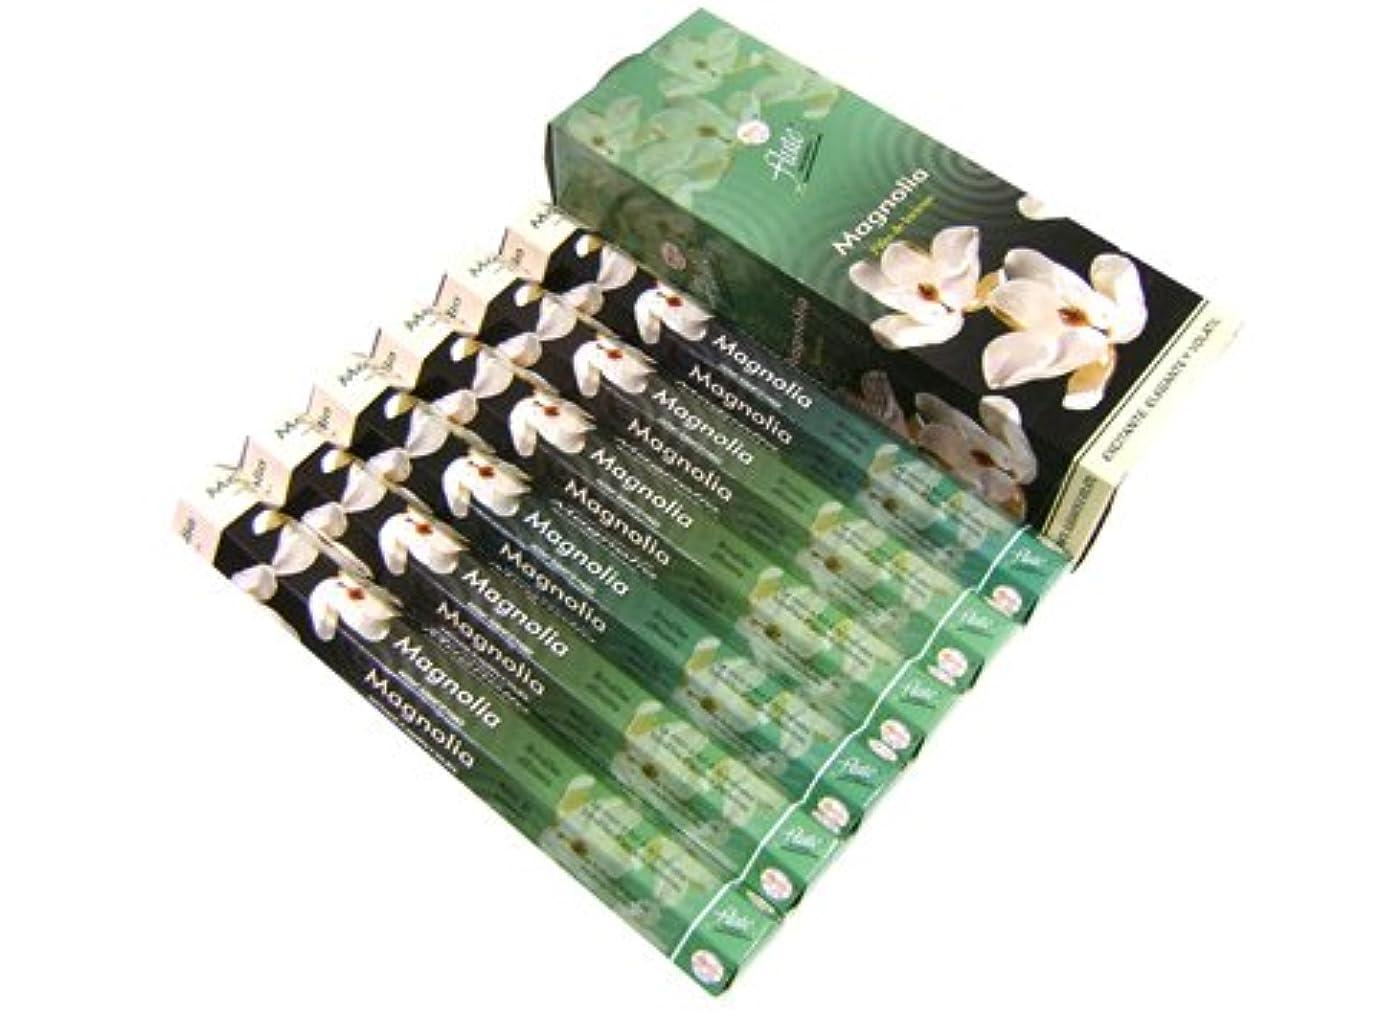 マニフェスト器官赤ちゃんFLUTE(フルート) マグノリア香 スティック MAGNOLIA 6箱セット